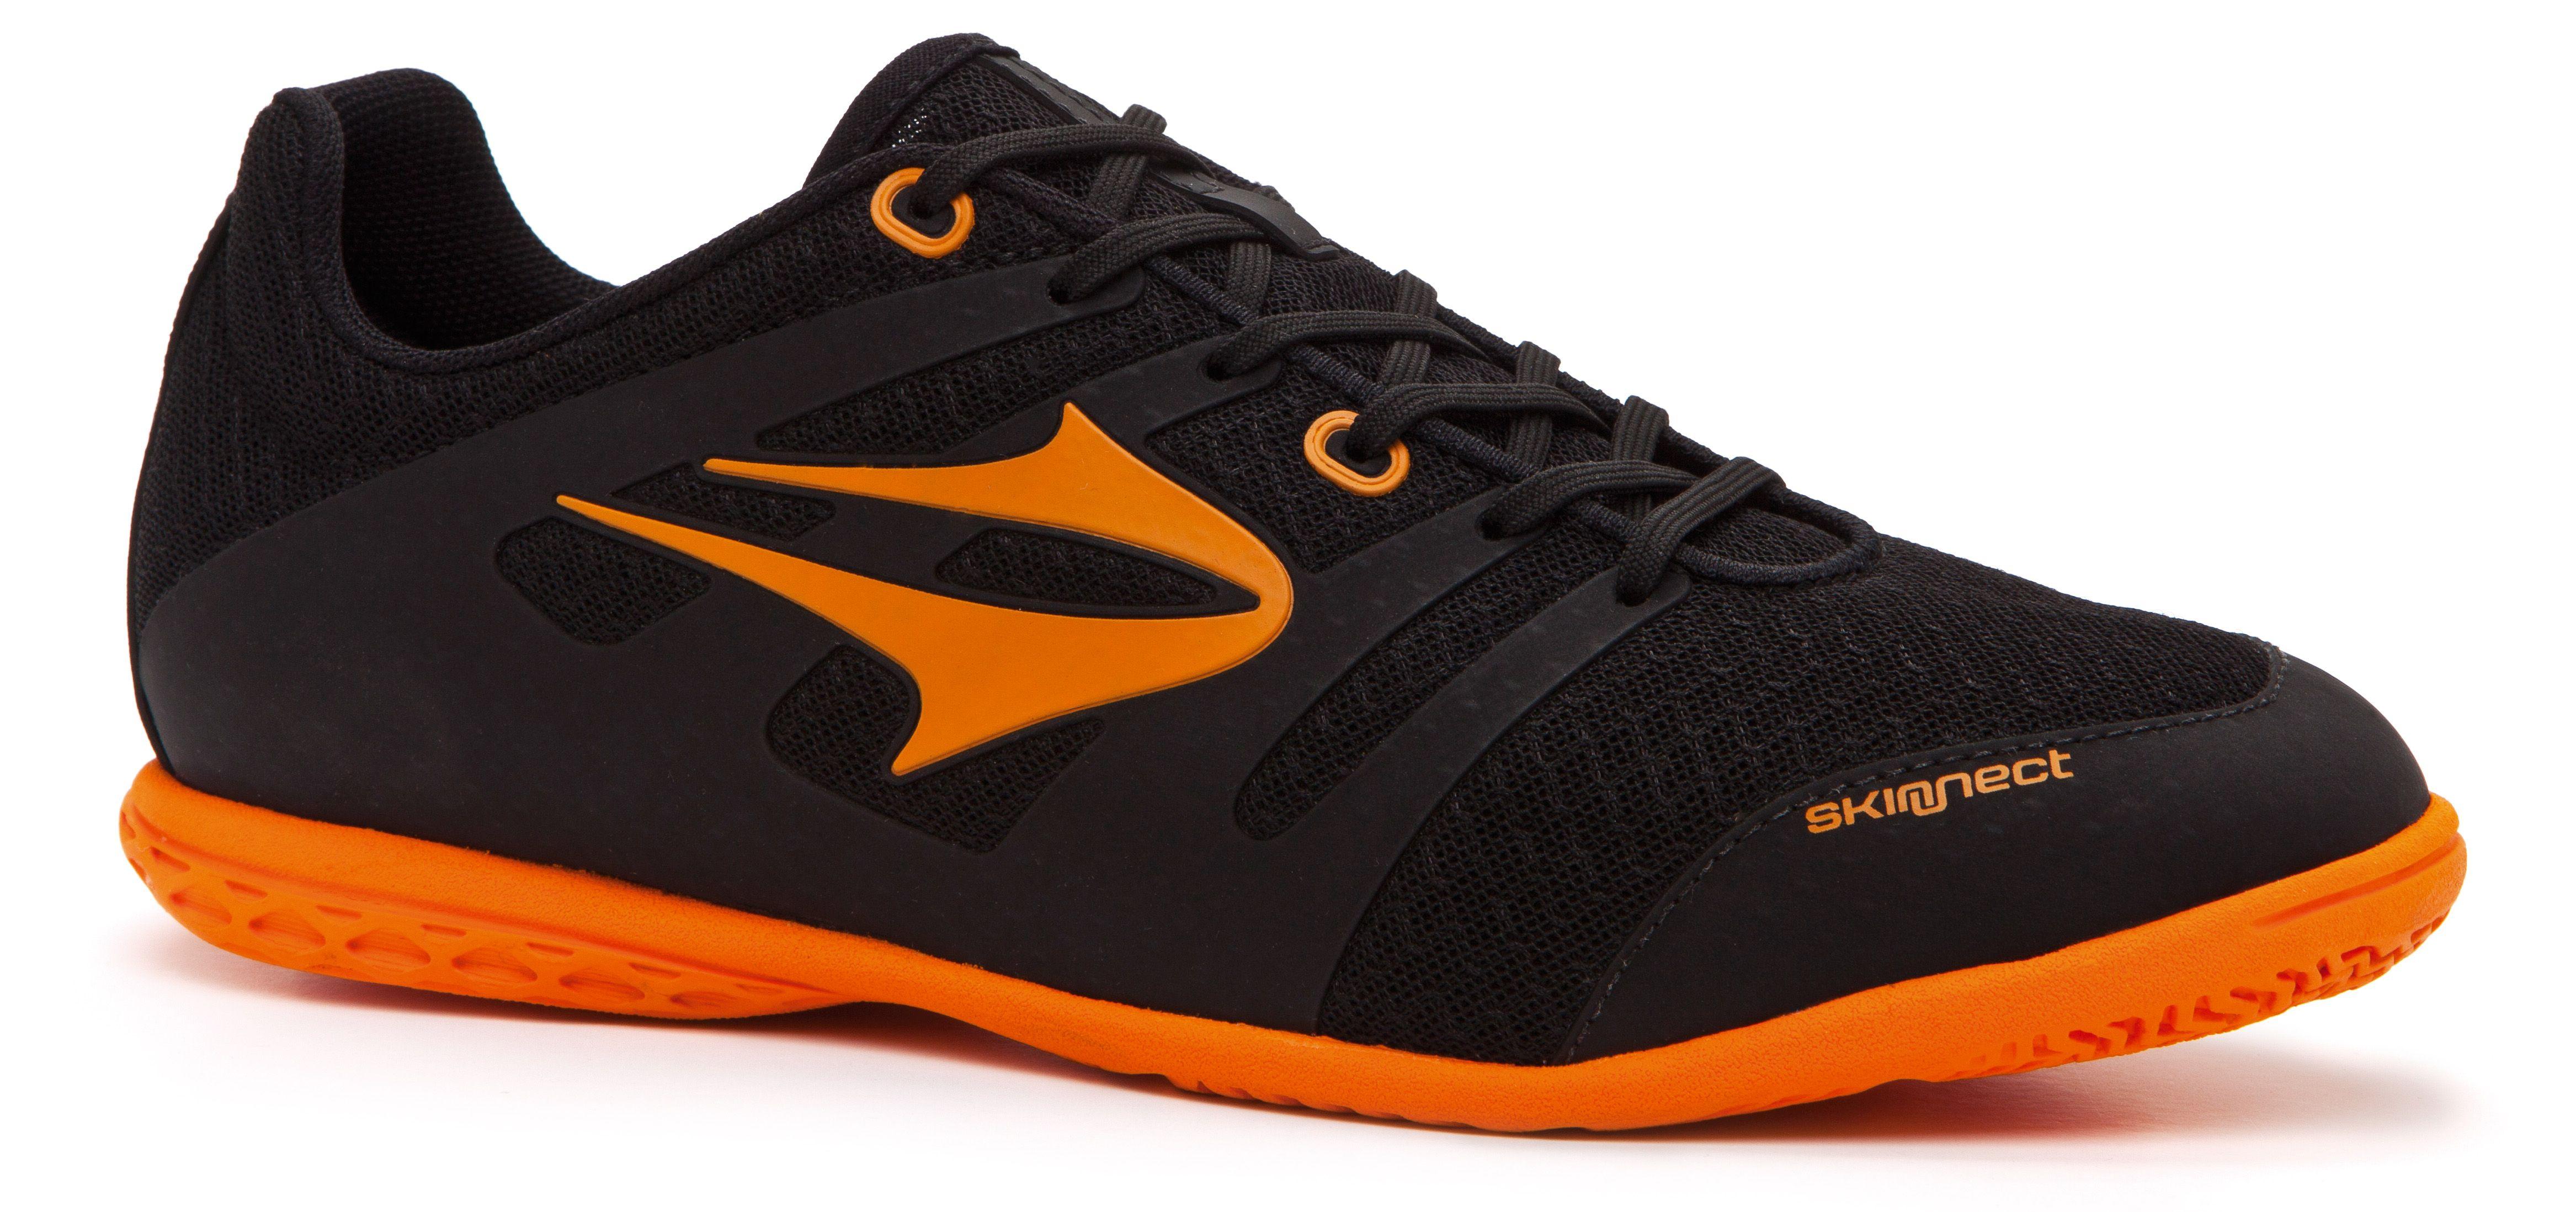 8cfc85a6c9e 2015 Chuteira Topper Letra futsal preta laranja